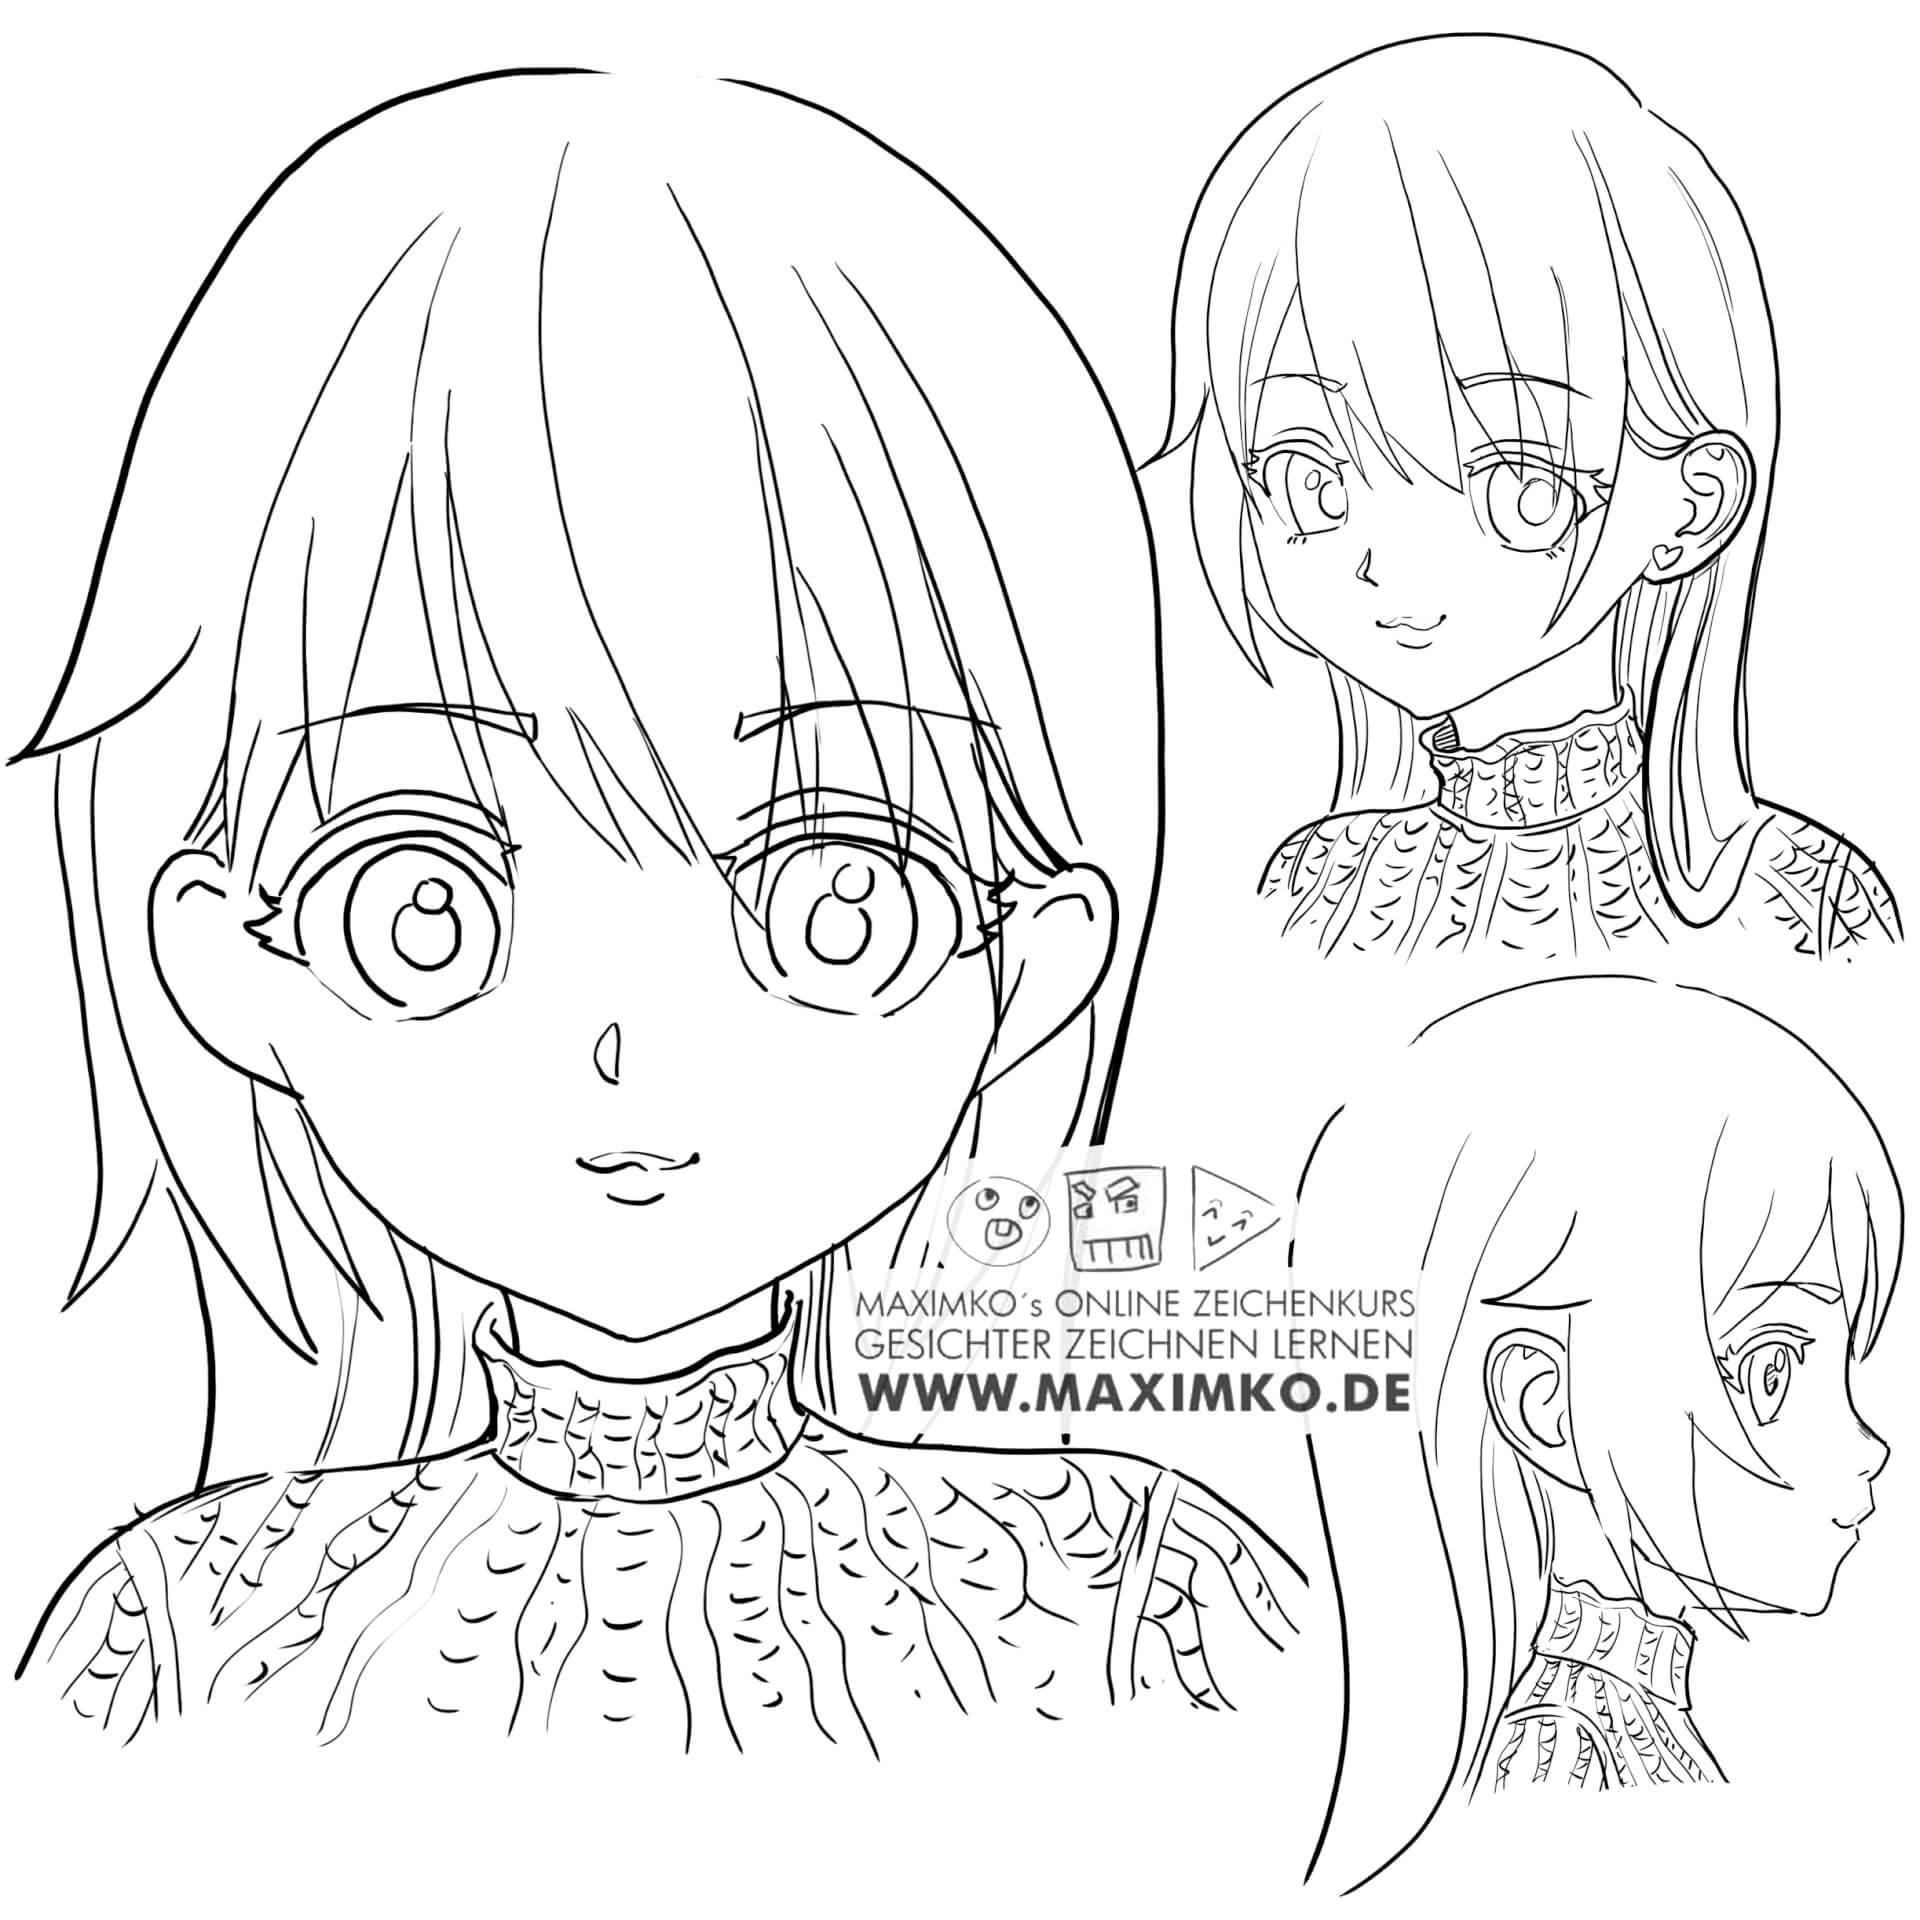 anime zeichnen für anfänger outlines manga charakter figur süß lernen maximko